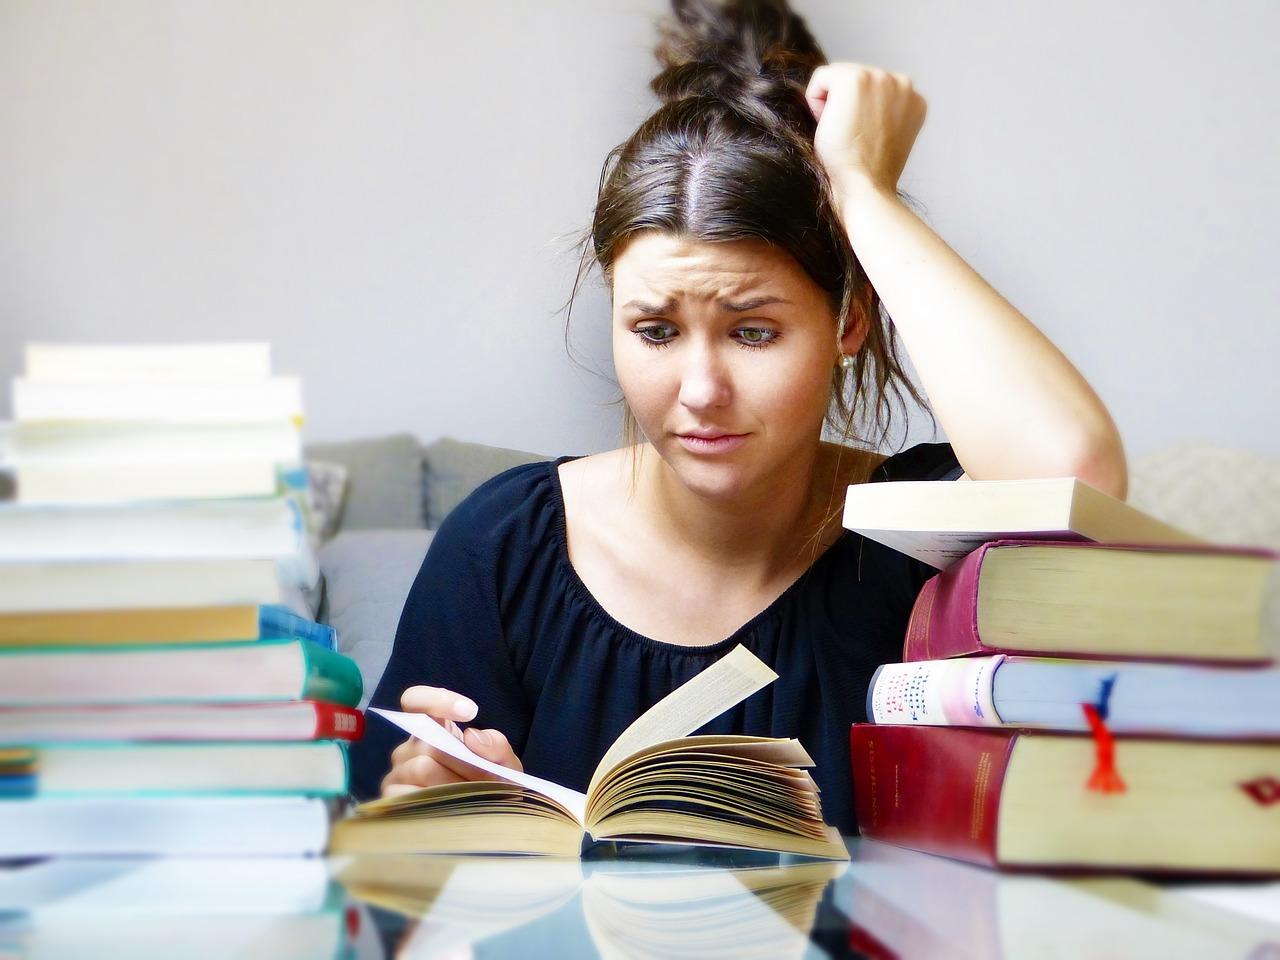 Saznajte kojih je to osam svakodnevnih navika koje stvaraju stres